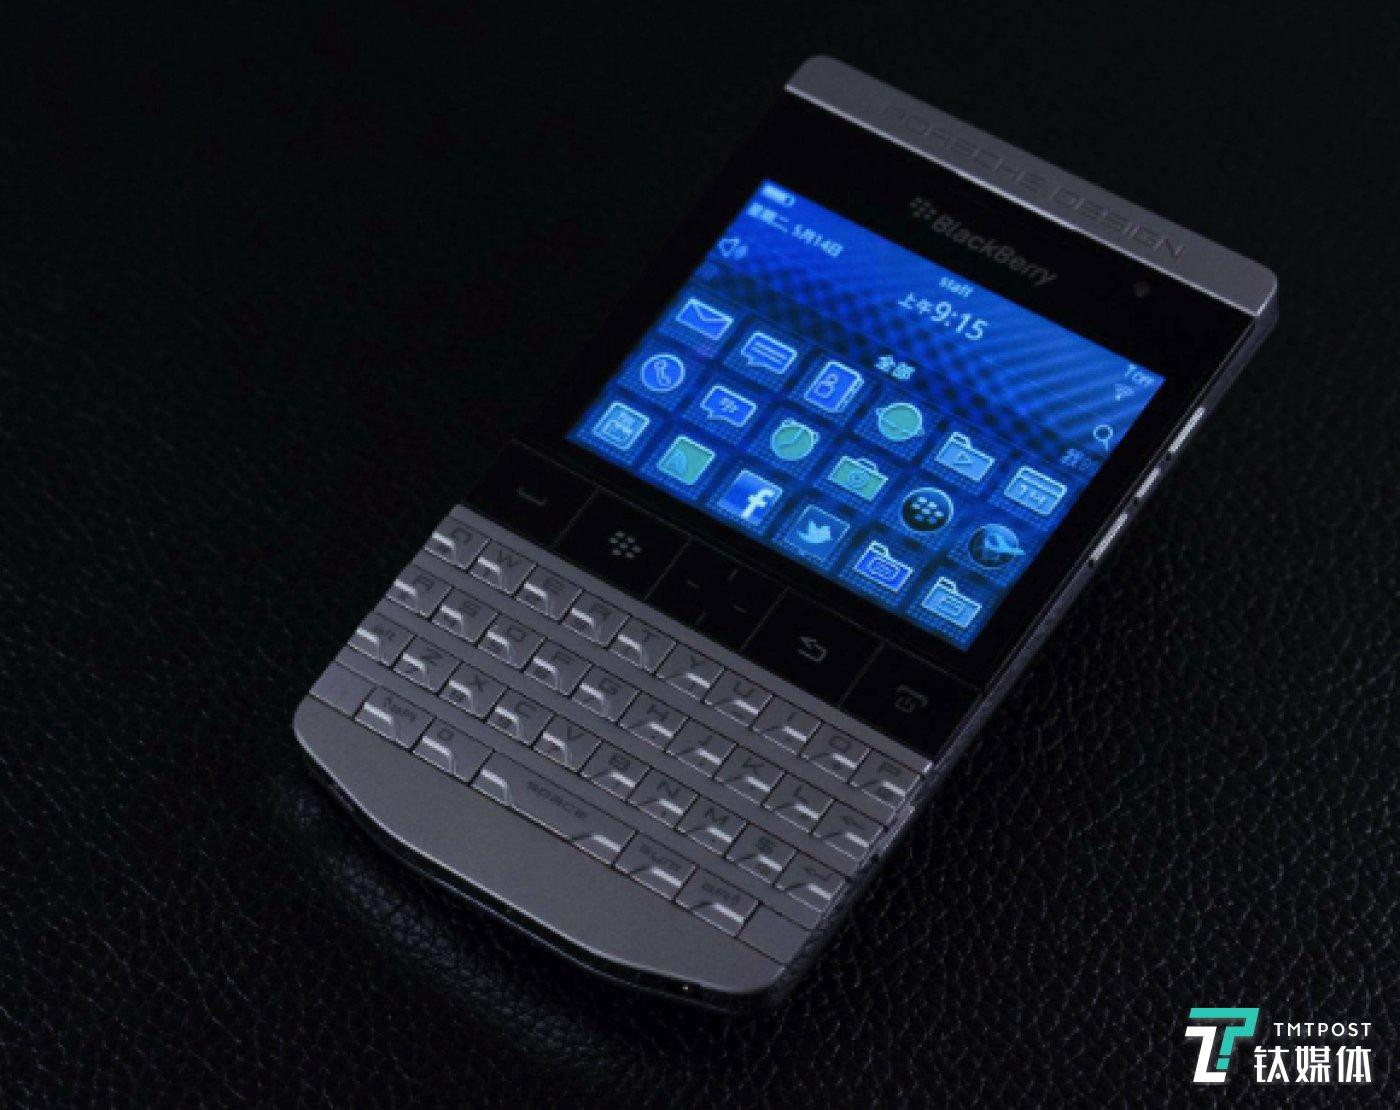 BlackBerry P9981